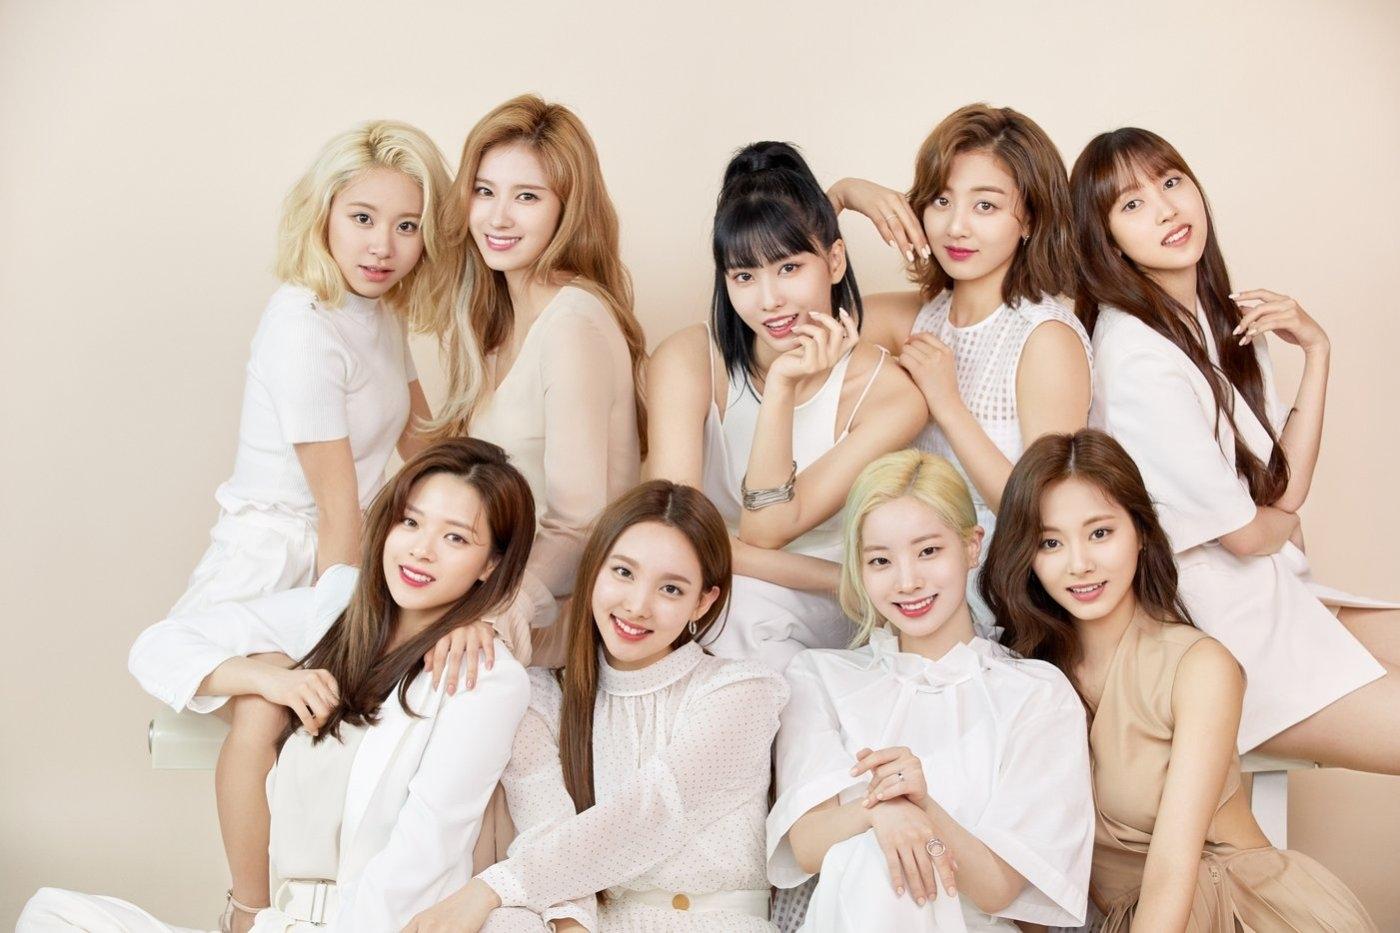 트와이스(TWICE)도 반한 에스티 로더(ESTEE LAUDER) '더블웨어 파운데이션' | 보그 코리아 (Vogue Korea)